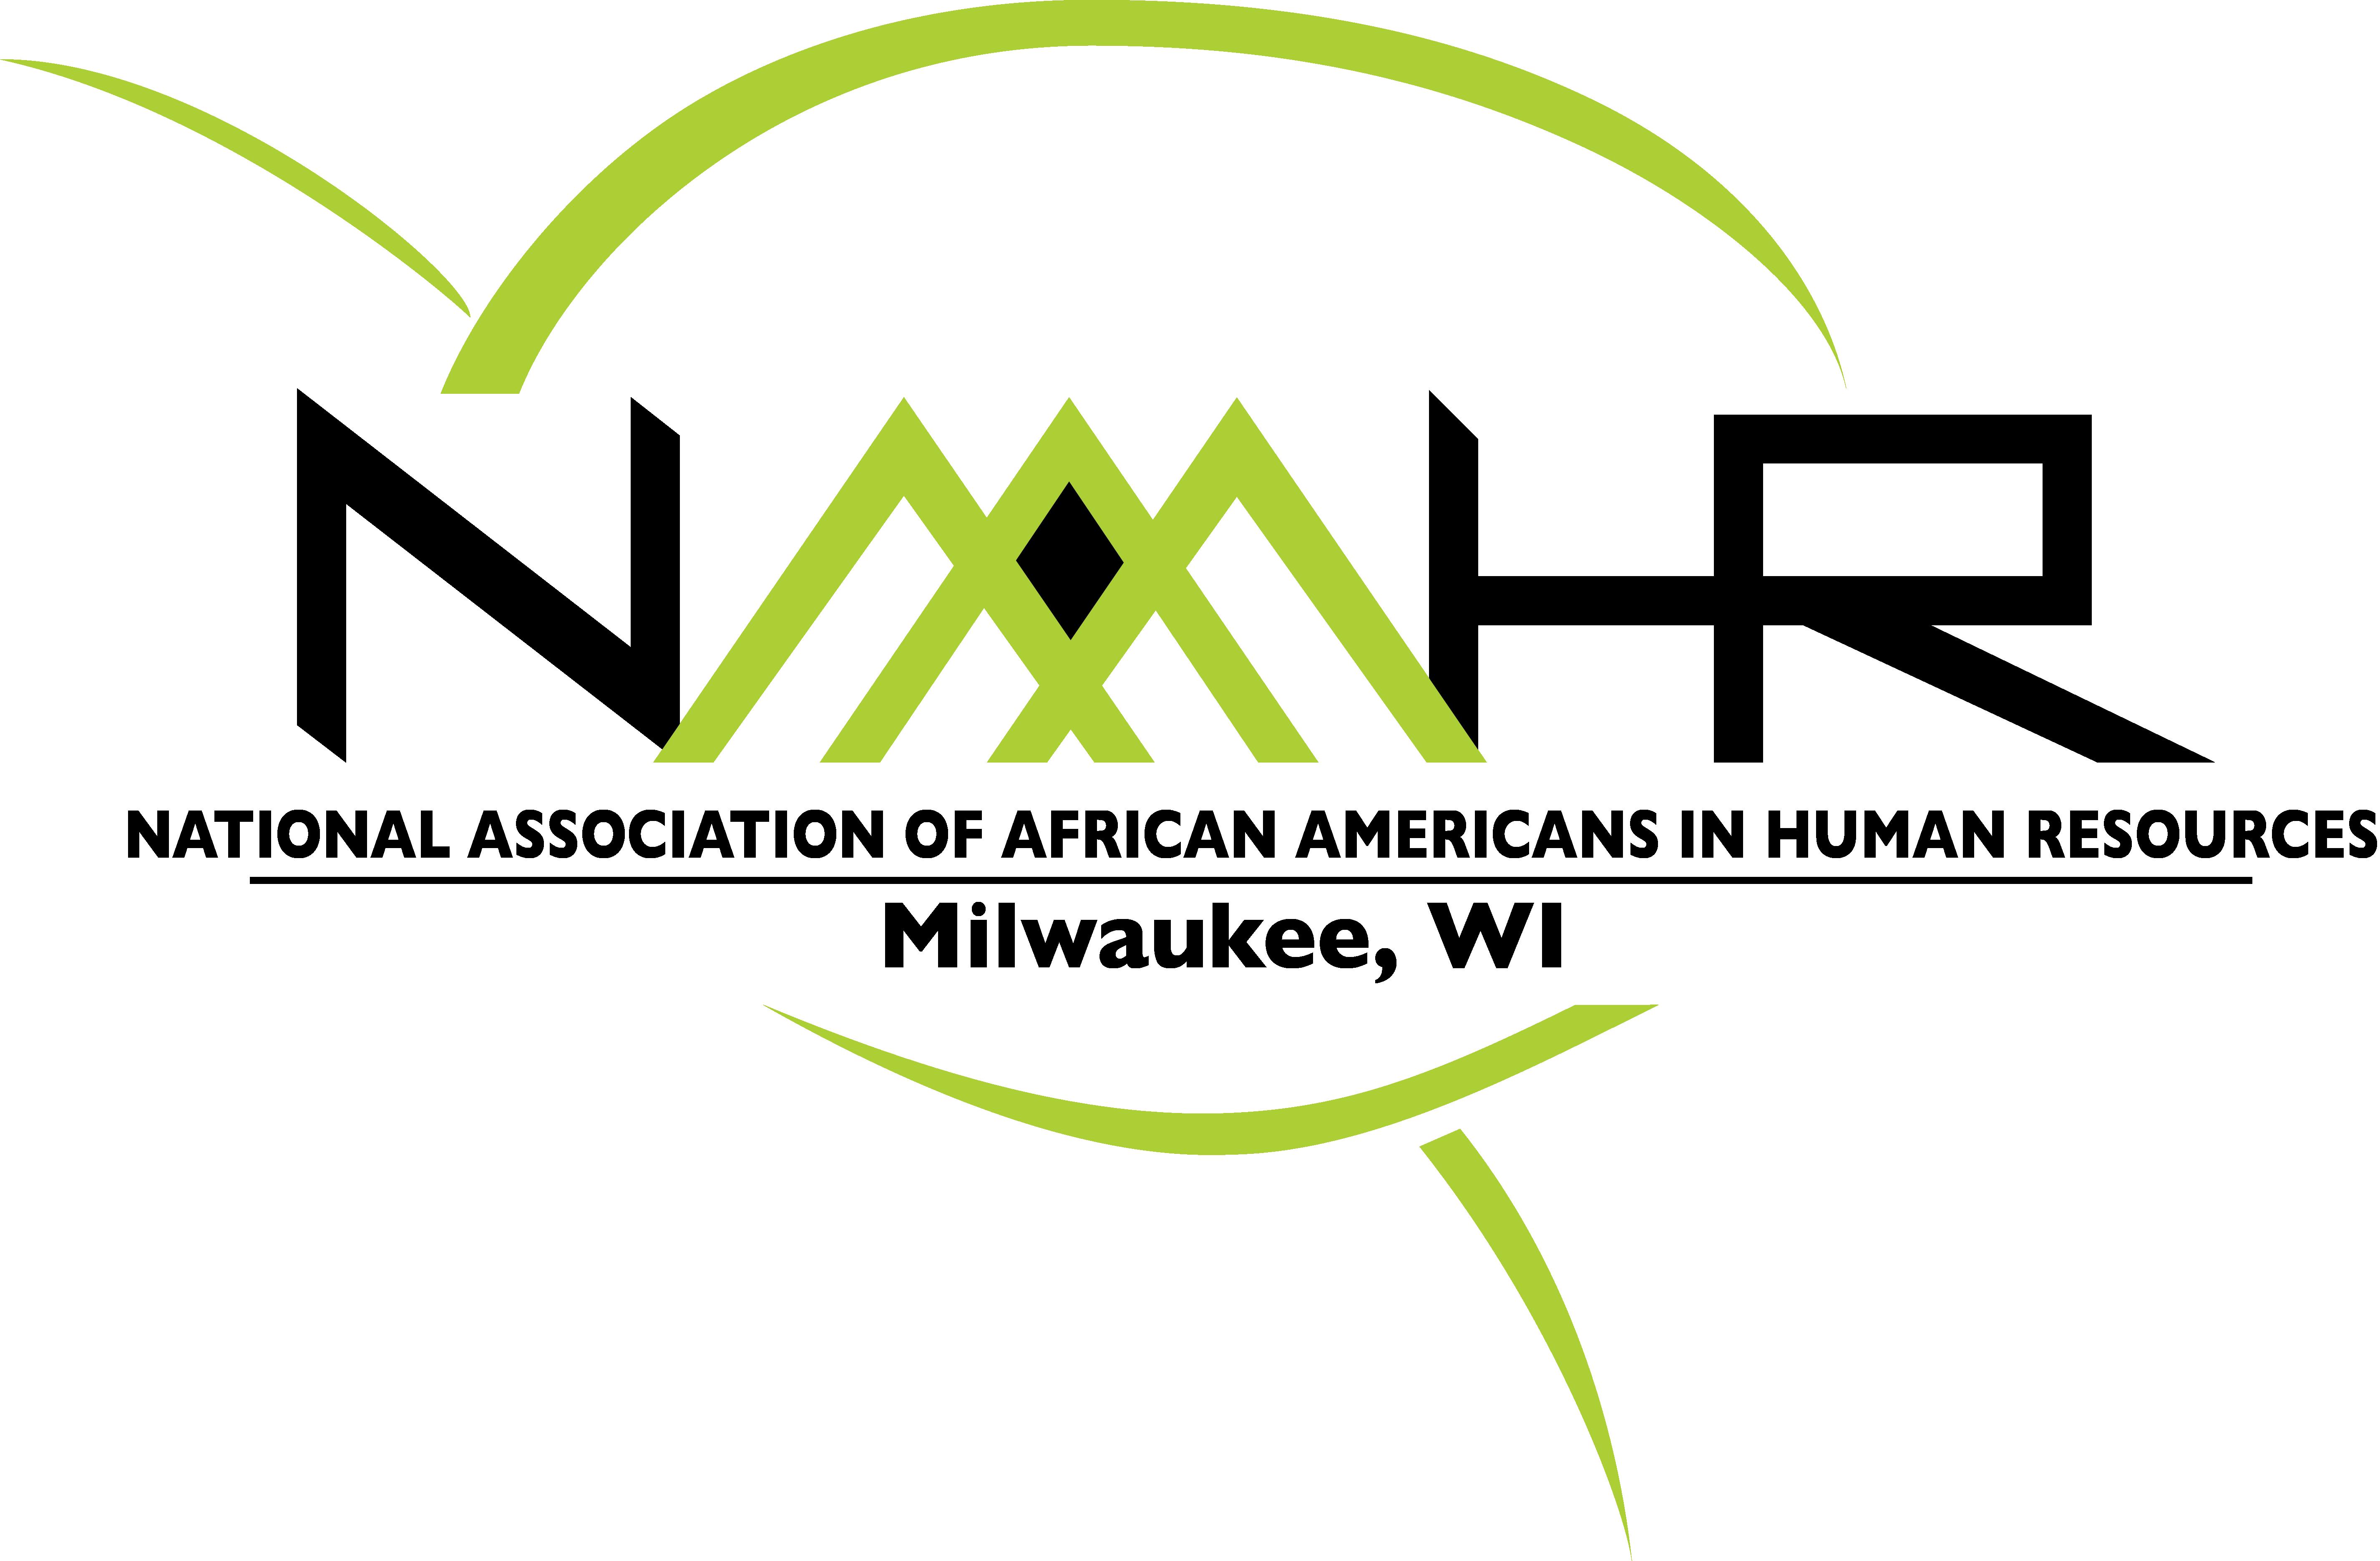 NAAAHR - Milwaukee logo